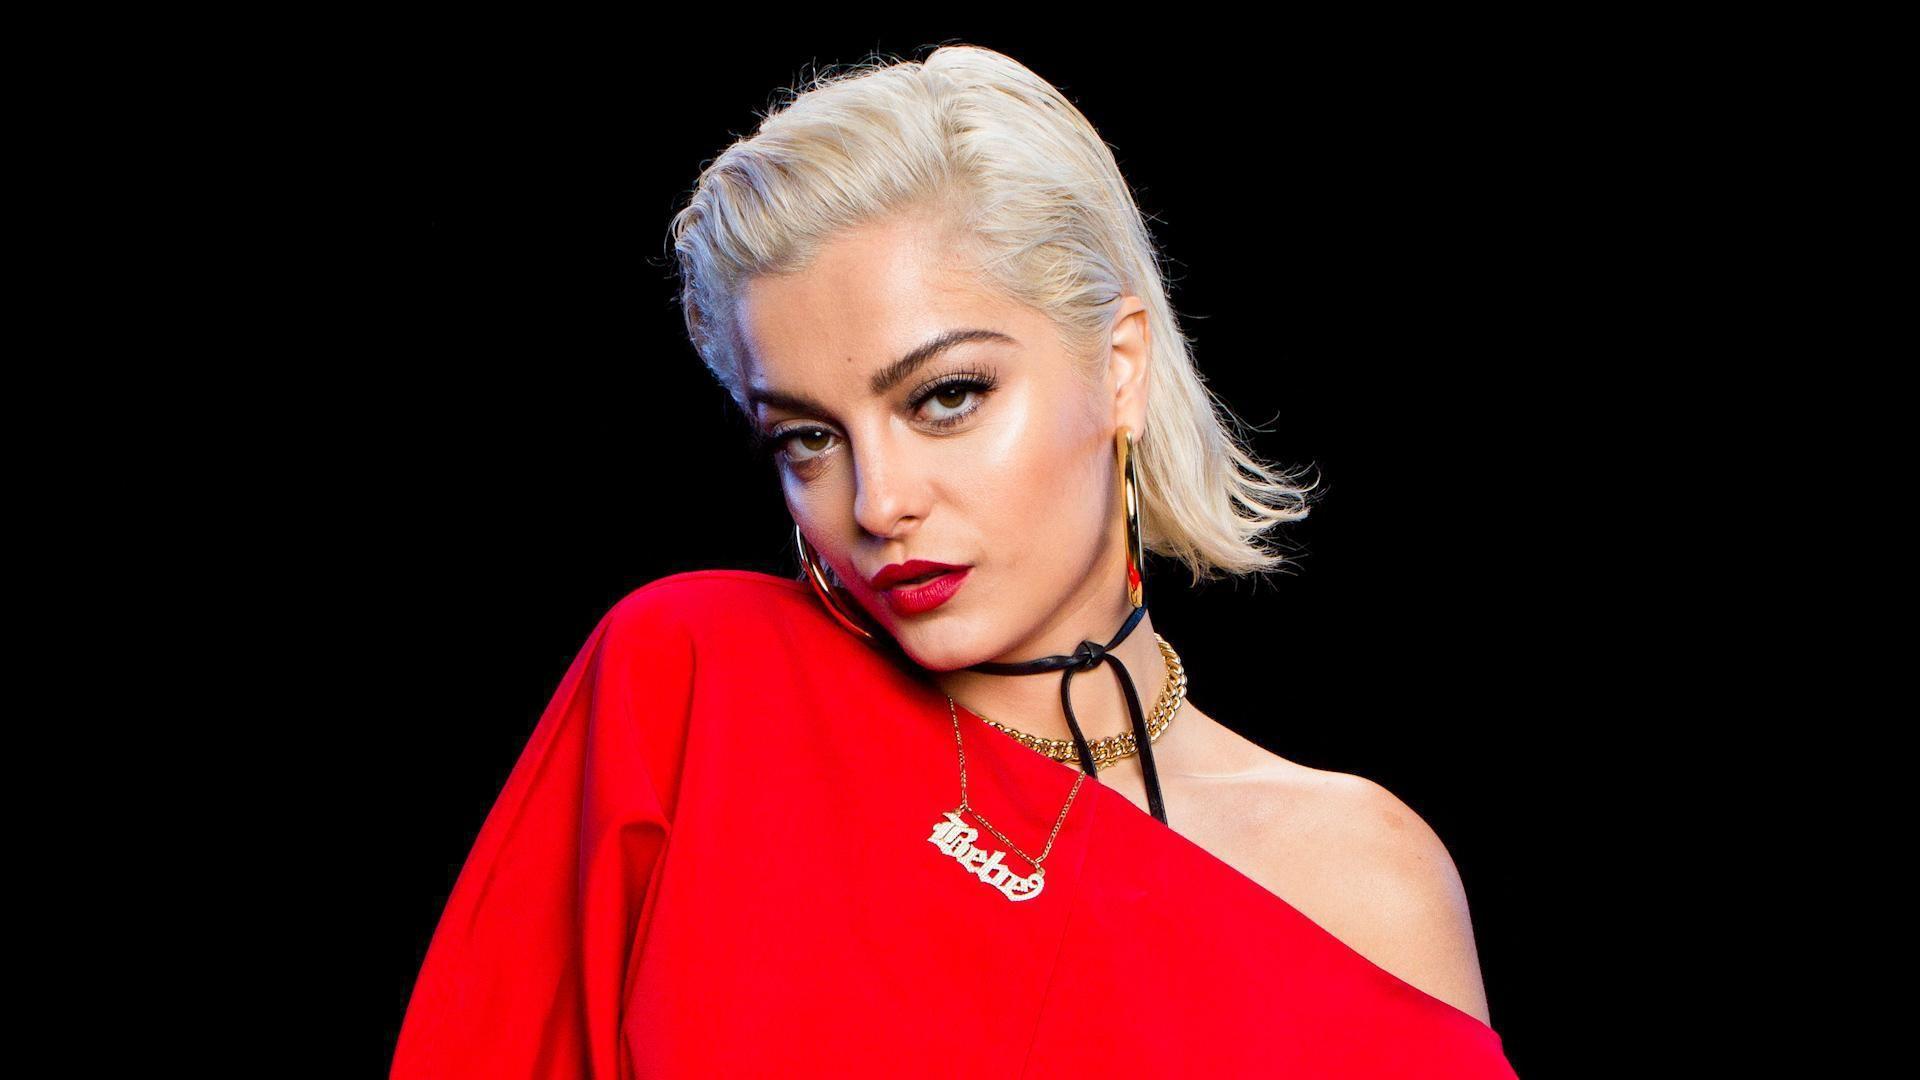 All Lyrics To Bebe Rexha